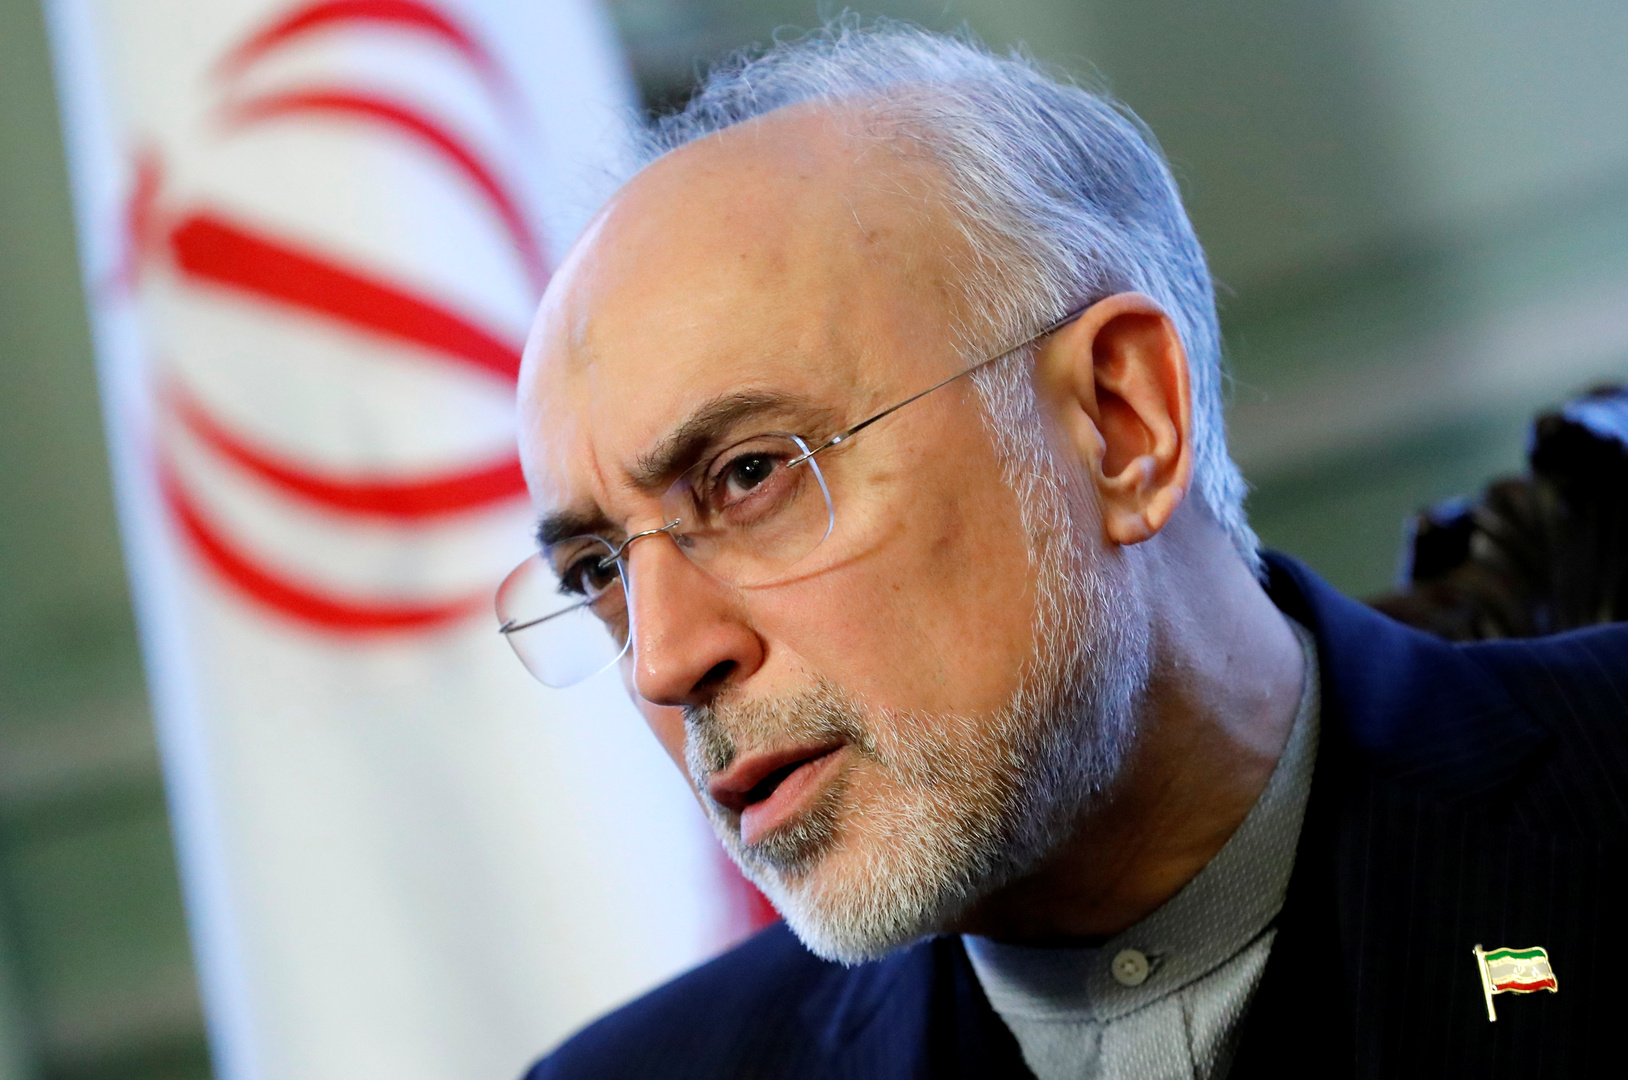 إيران تعلن أنها ستنتج شهريا 9 كلغ من اليورانيوم المخصب بنسبة 20%